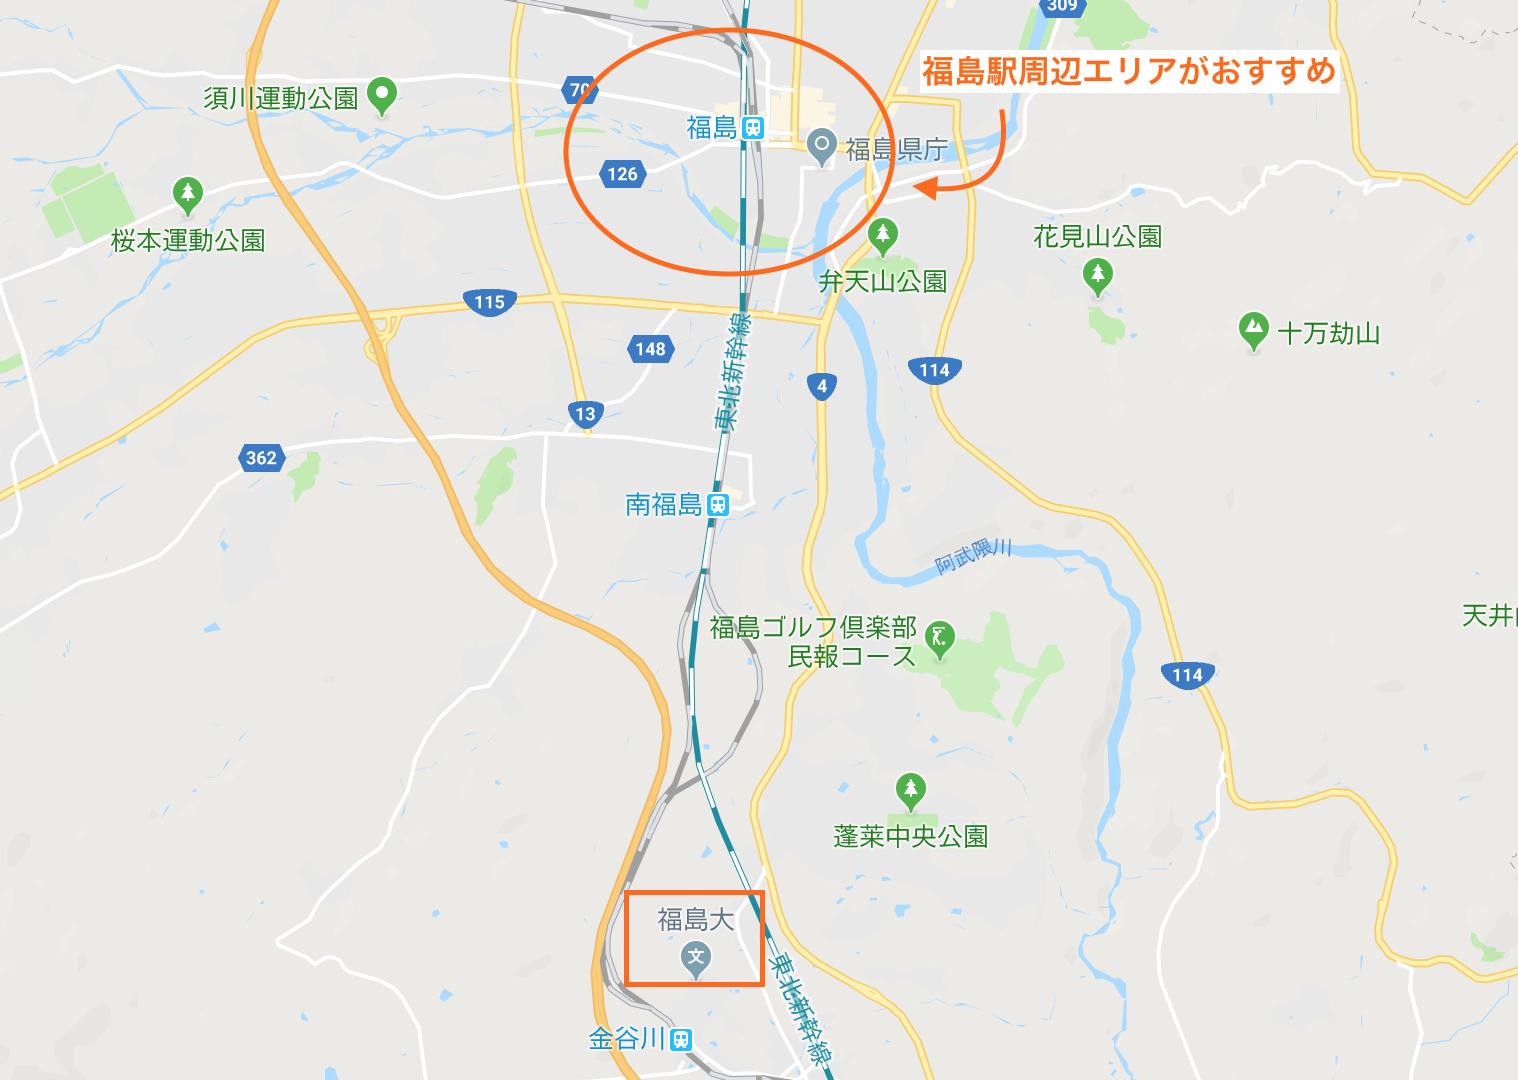 福島大学周辺の宿泊エリア